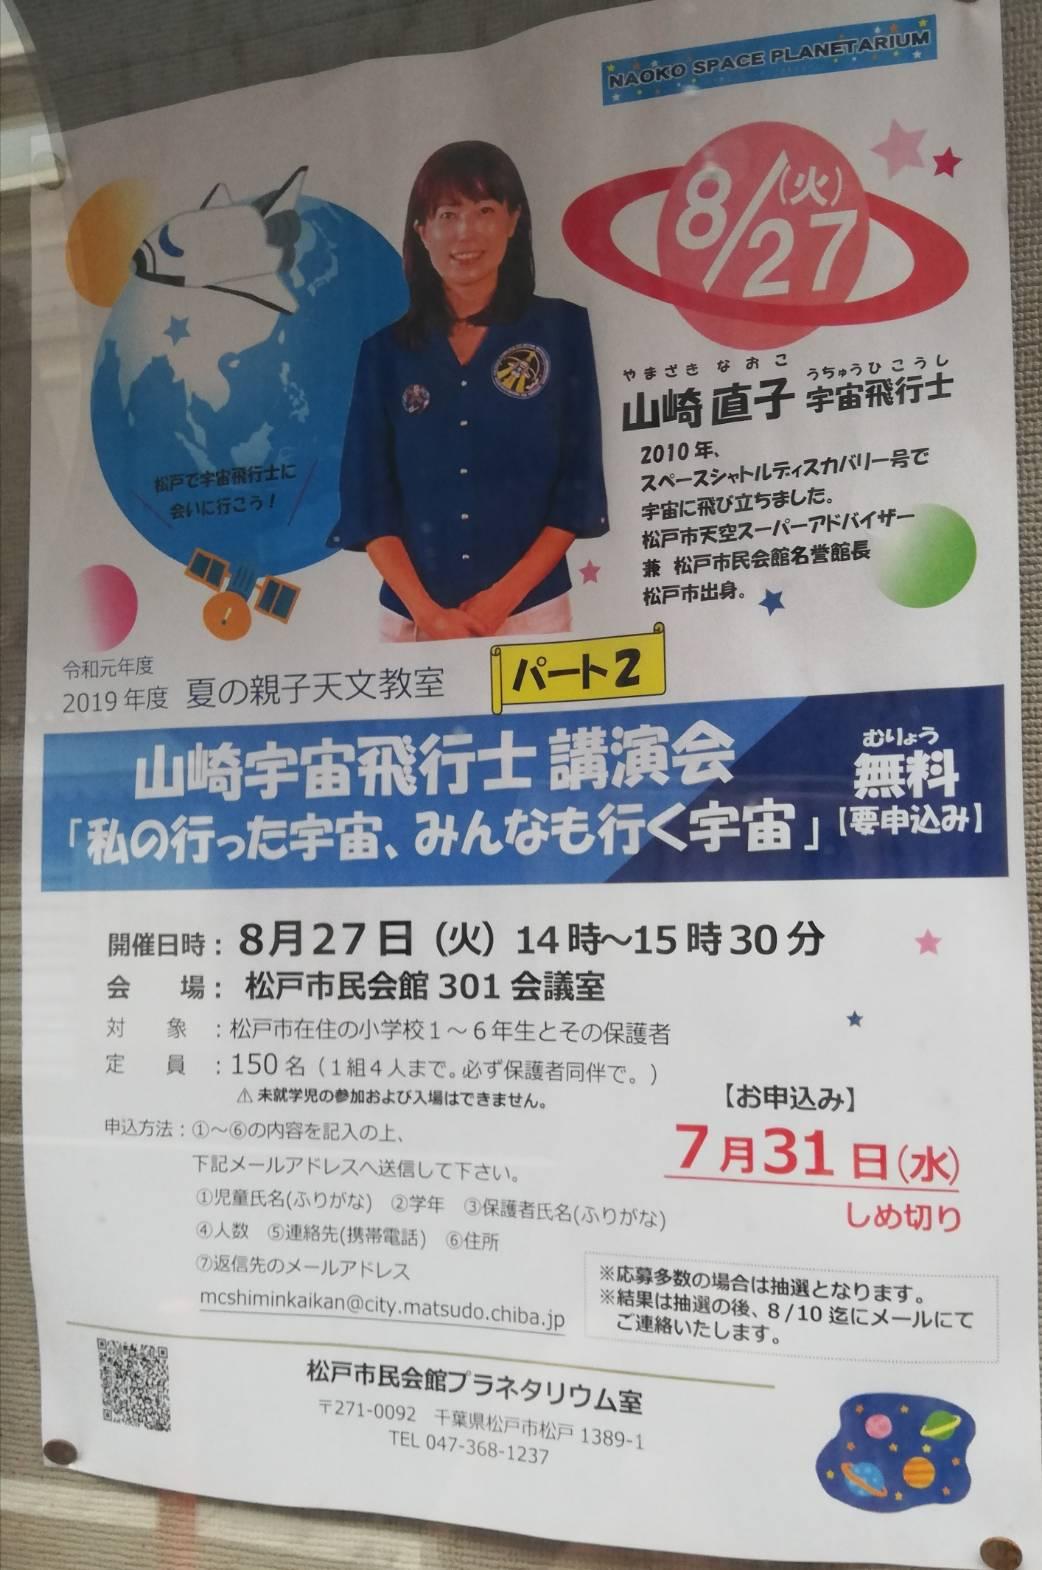 山崎直子宇宙飛行士講演会松戸